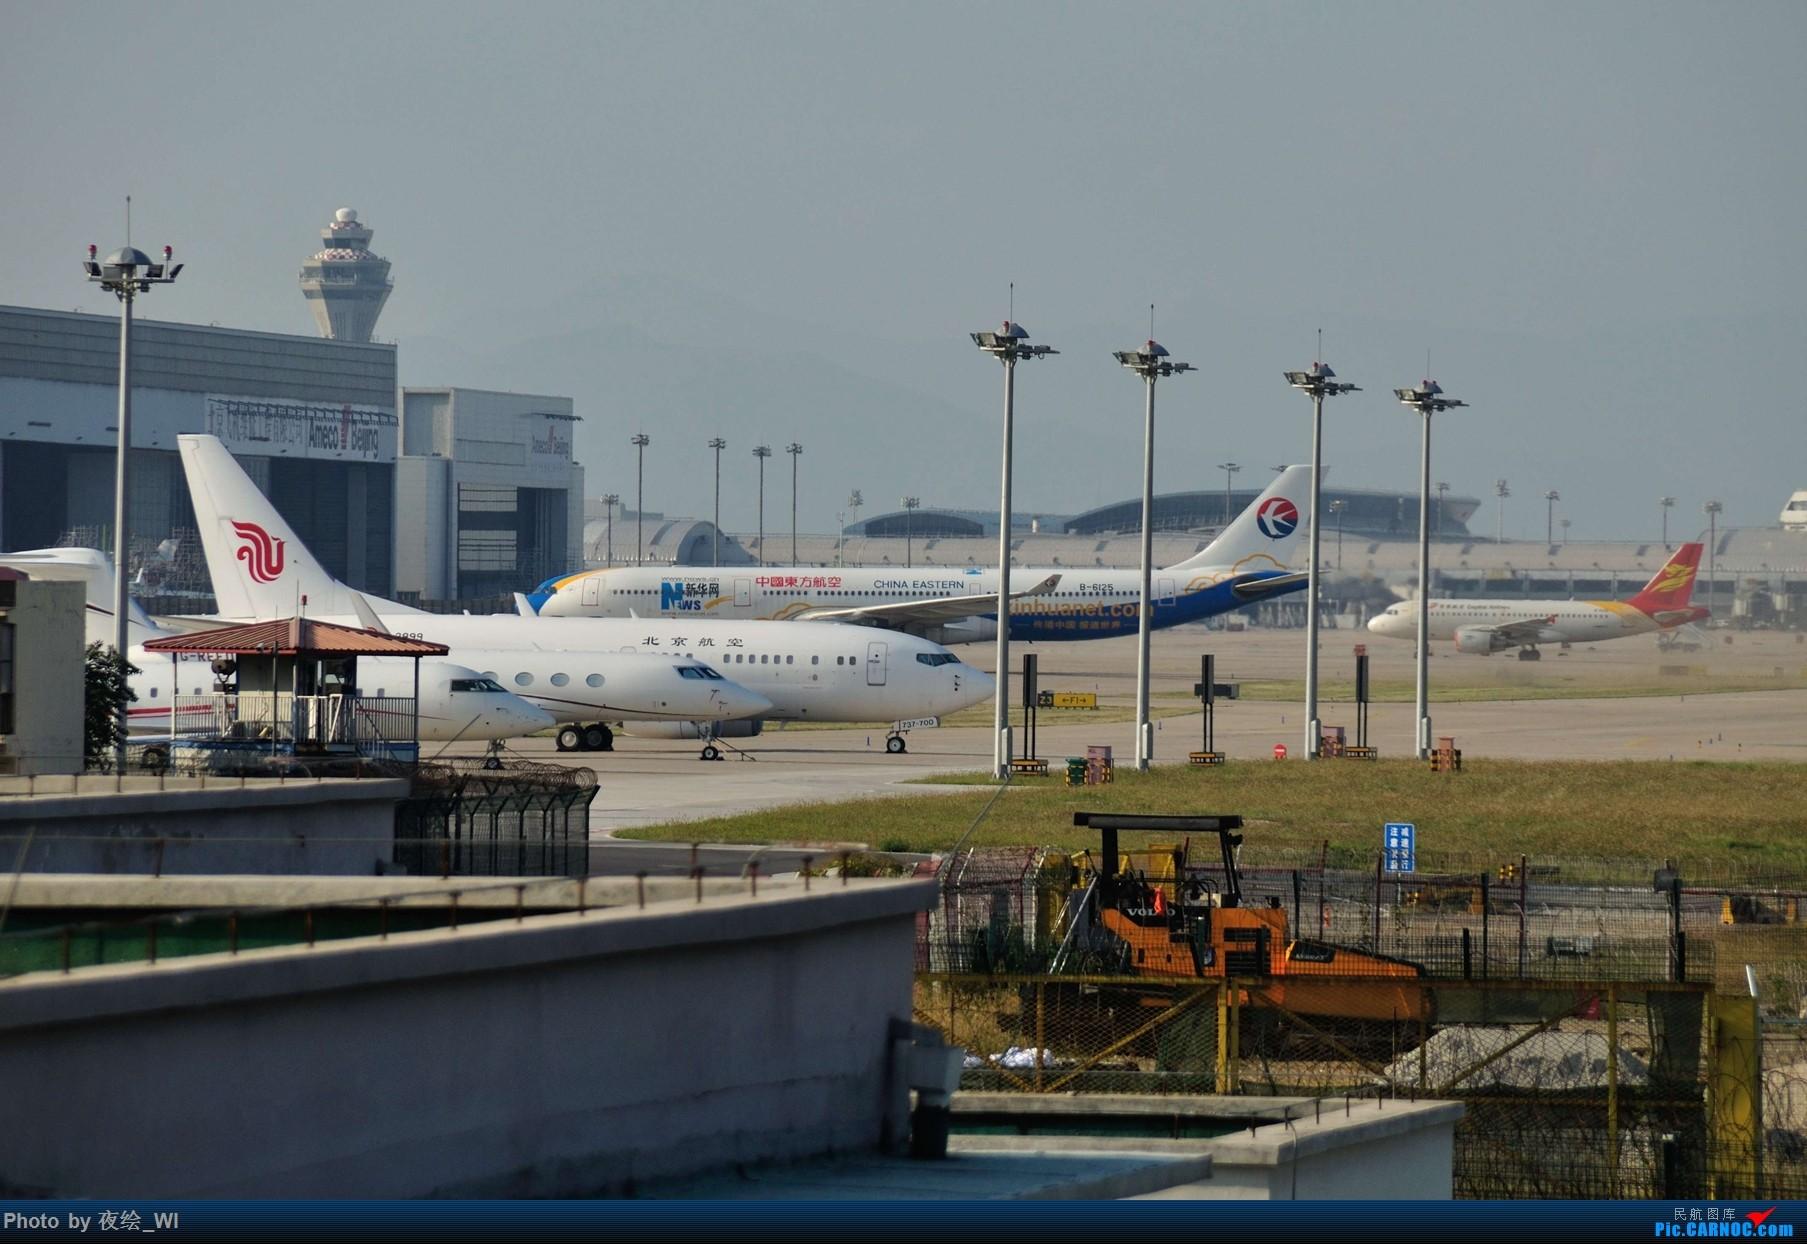 Re:[原创]【PEK】初刷八卦台,拍得飞起! AIRBUS A330-300 B-6125 中国北京首都国际机场